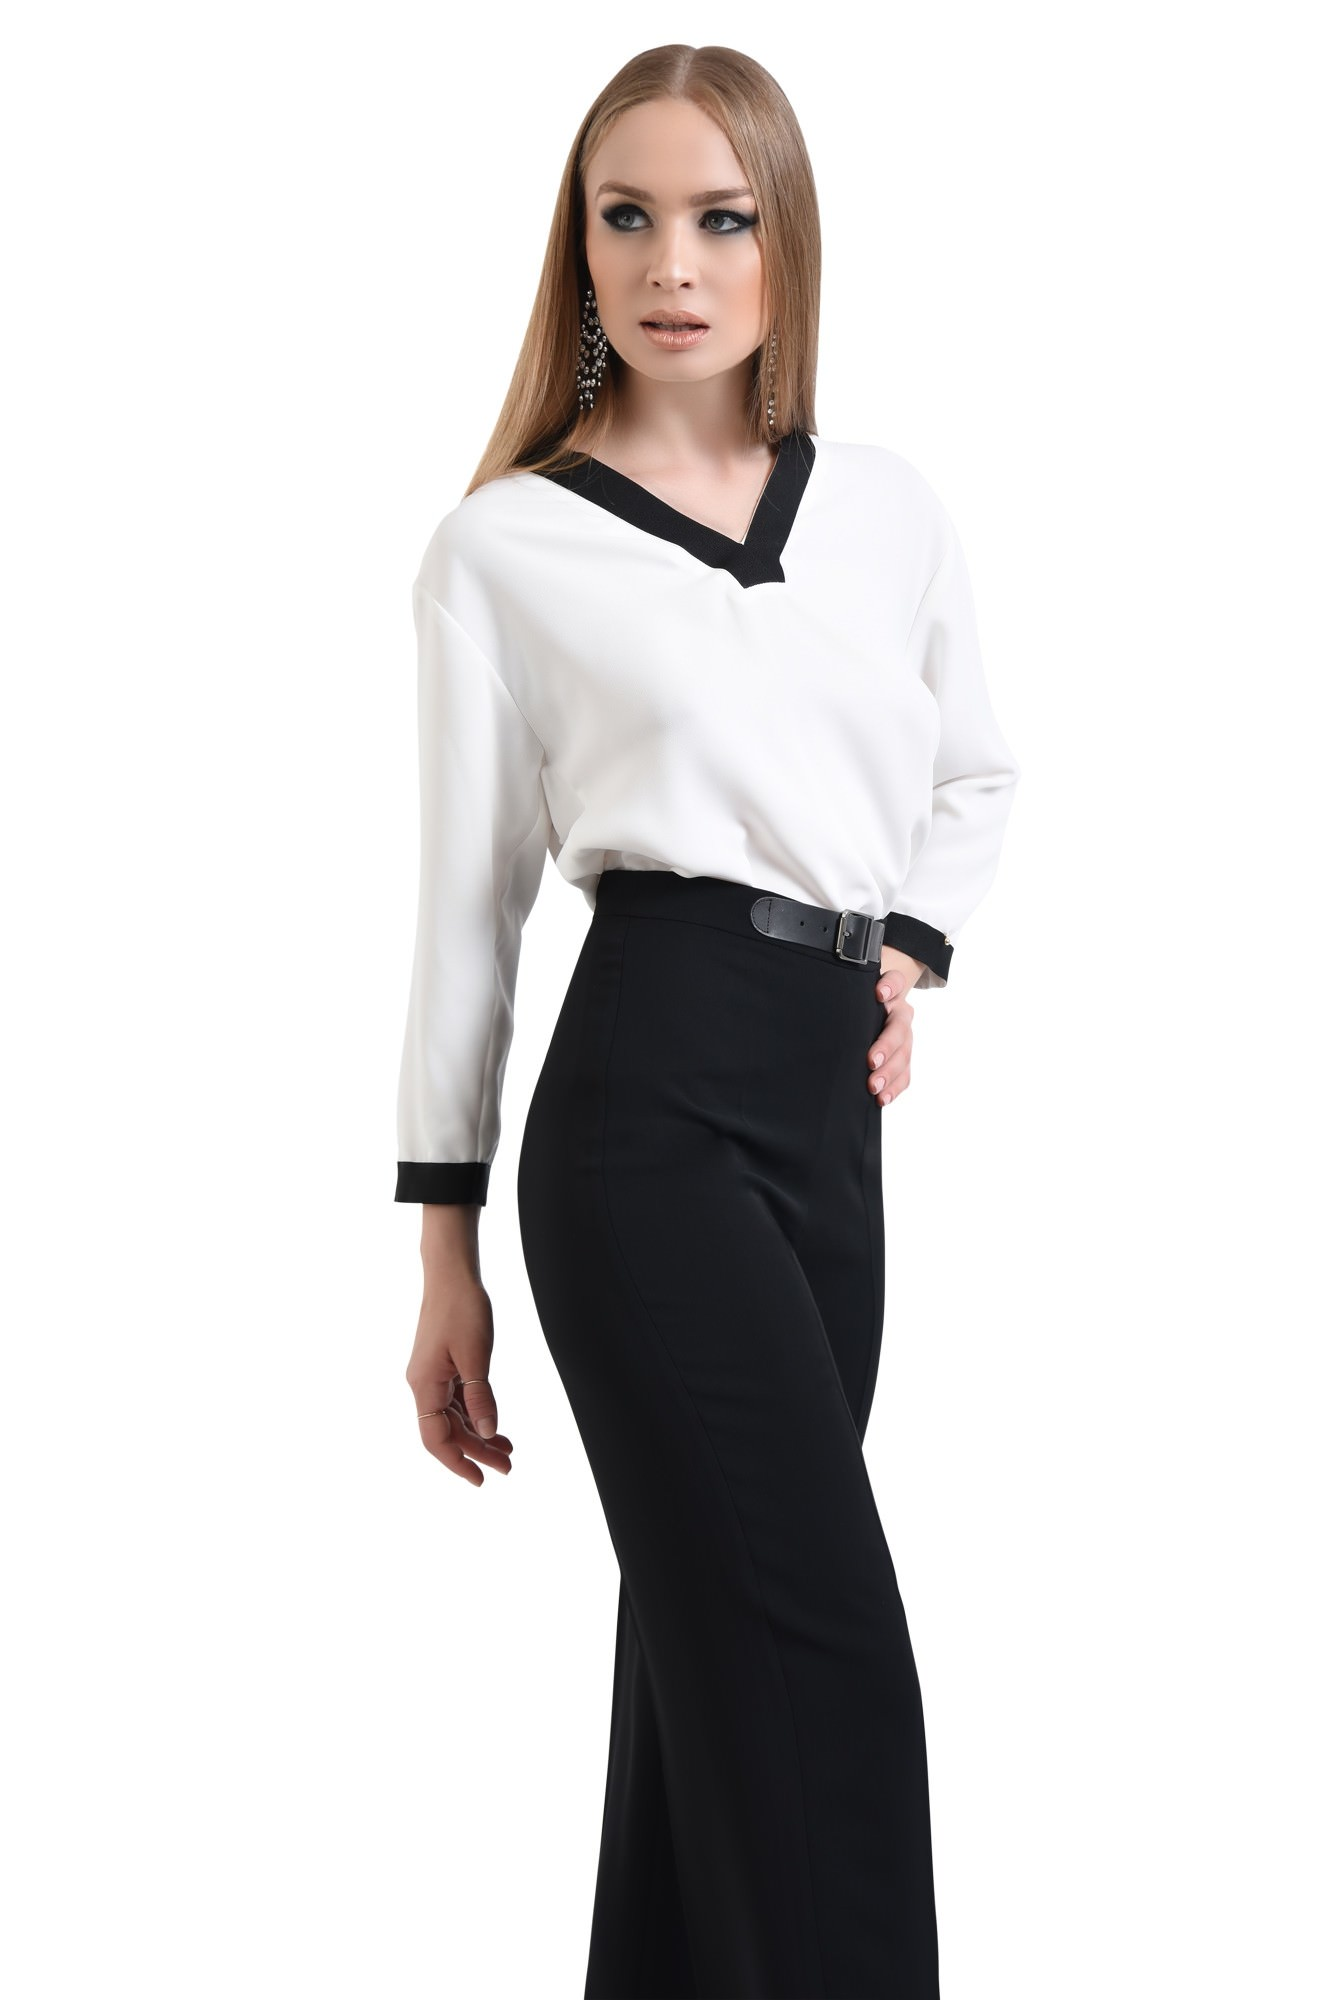 0 - Bluza eleganta, maneci lungi